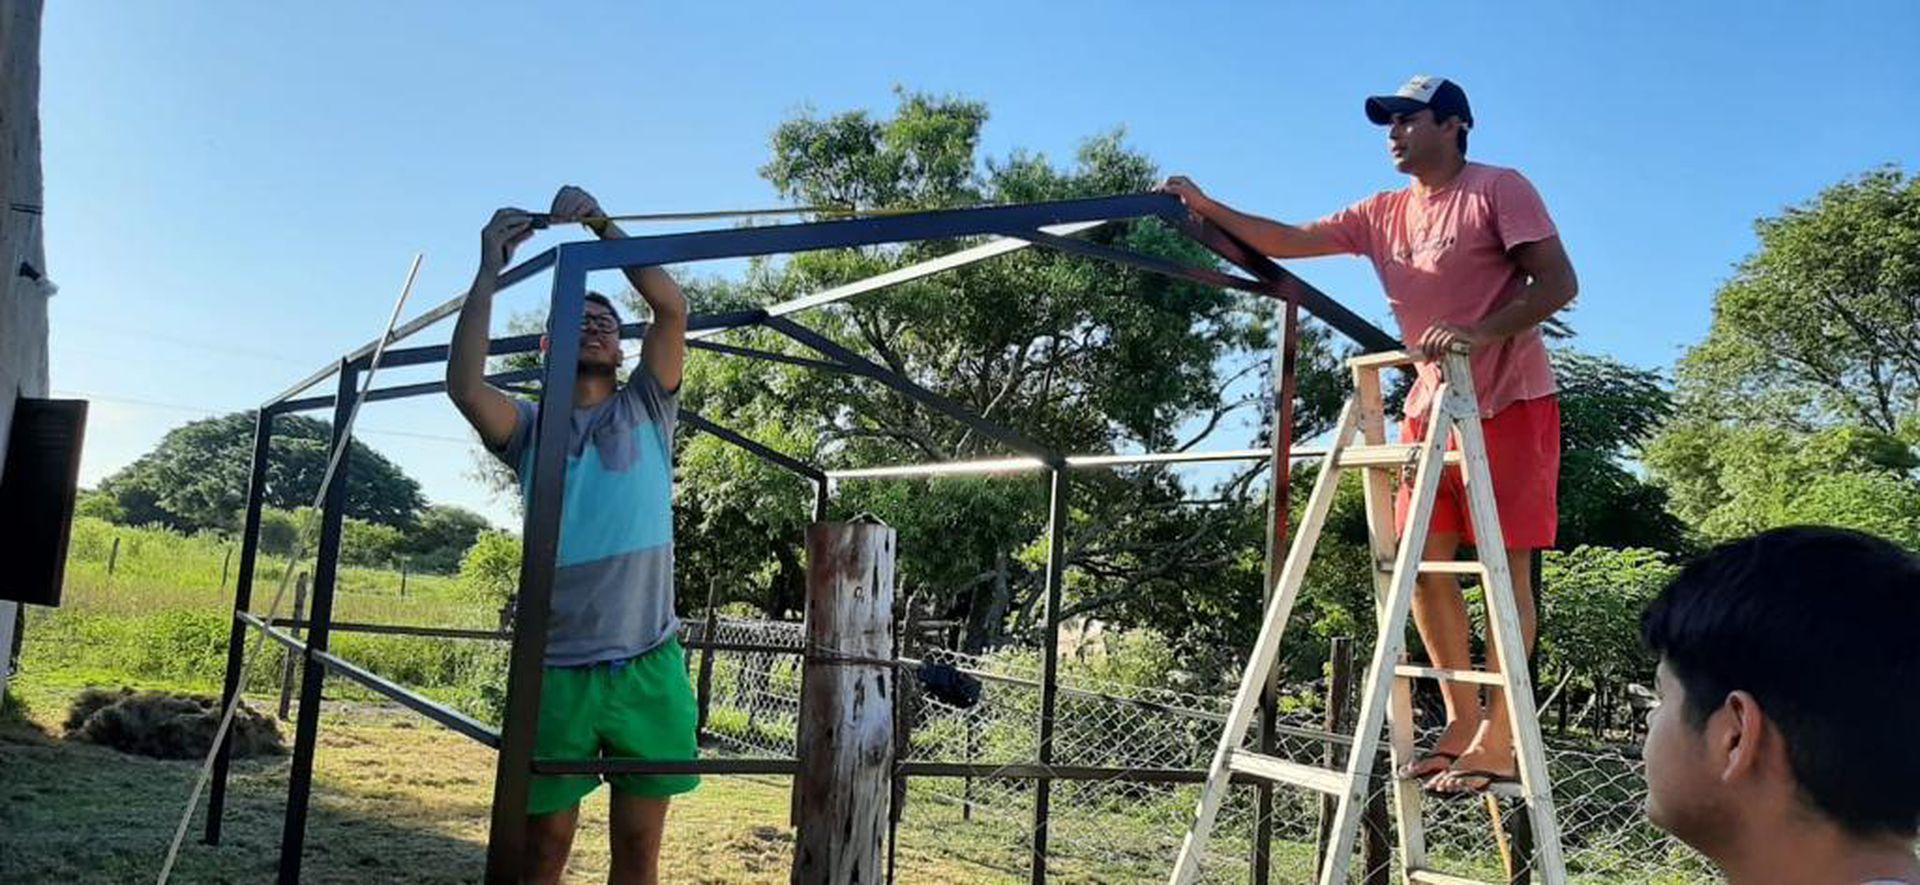 El autodenominado Equipo Solidario, un grupo de voluntarios de Paraje 29, Santa Fe, se encomendó a la tarea de armar un invernadero para cultivar plantines y devolver al pueblo las huertas familiares.